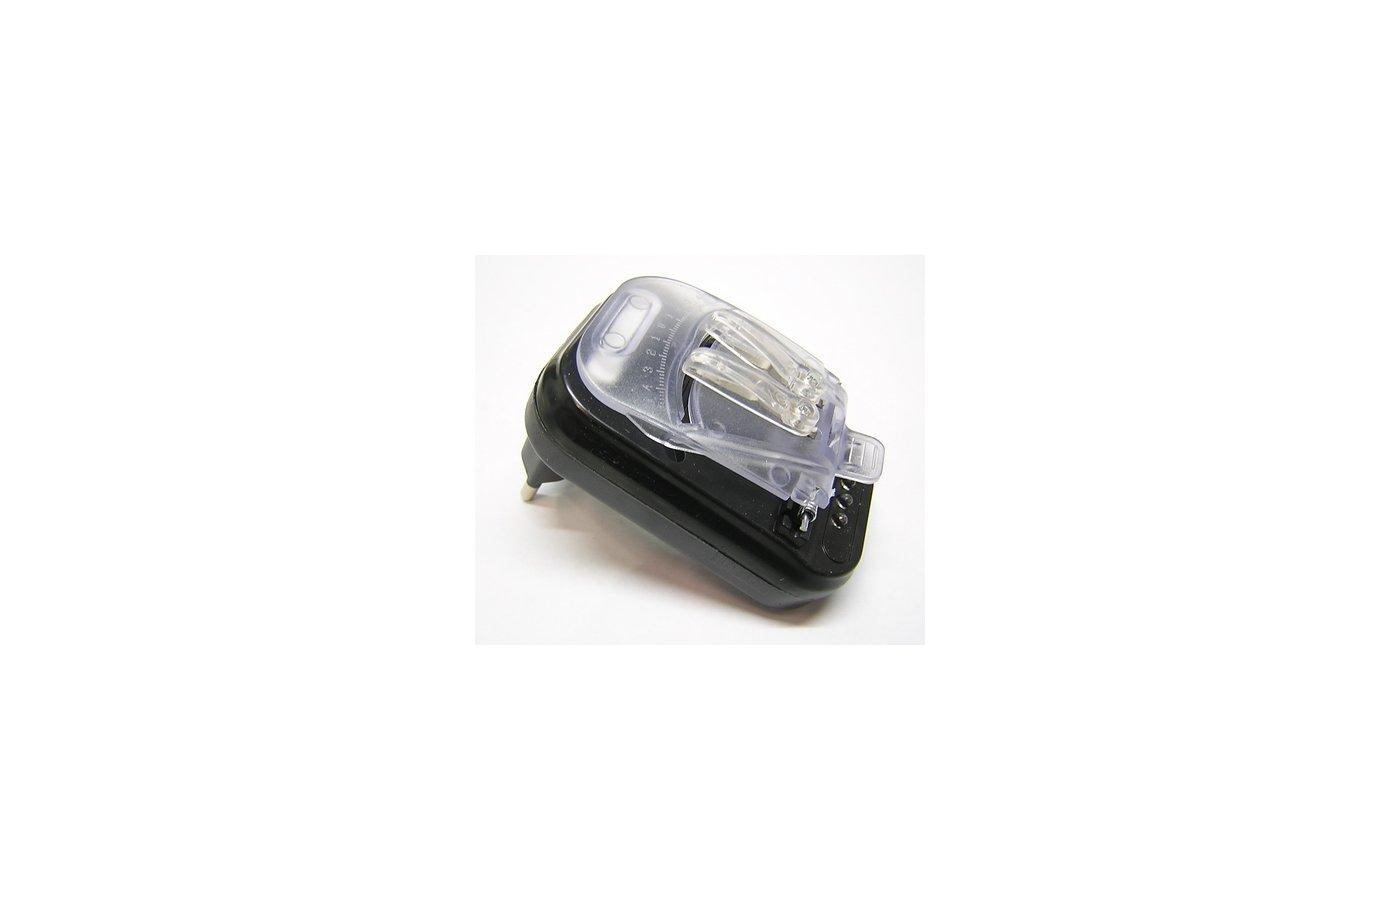 Зарядное устройство Axtel Универсальное СЗУ Лягушка Евро